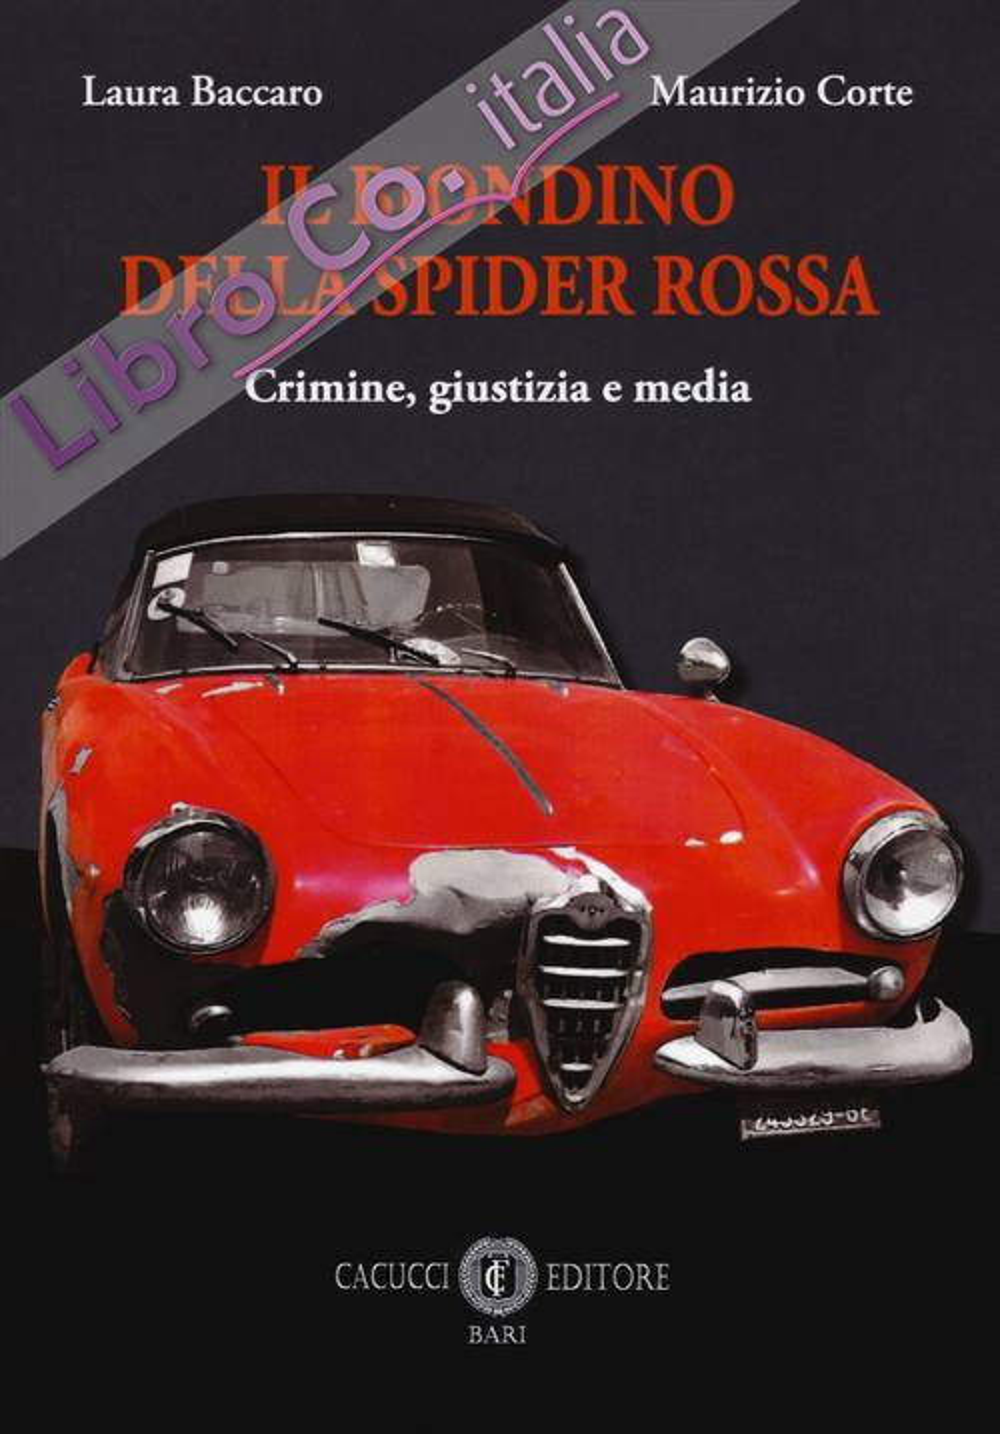 Il biondino della spider rossa. Crimine, giustizia e media